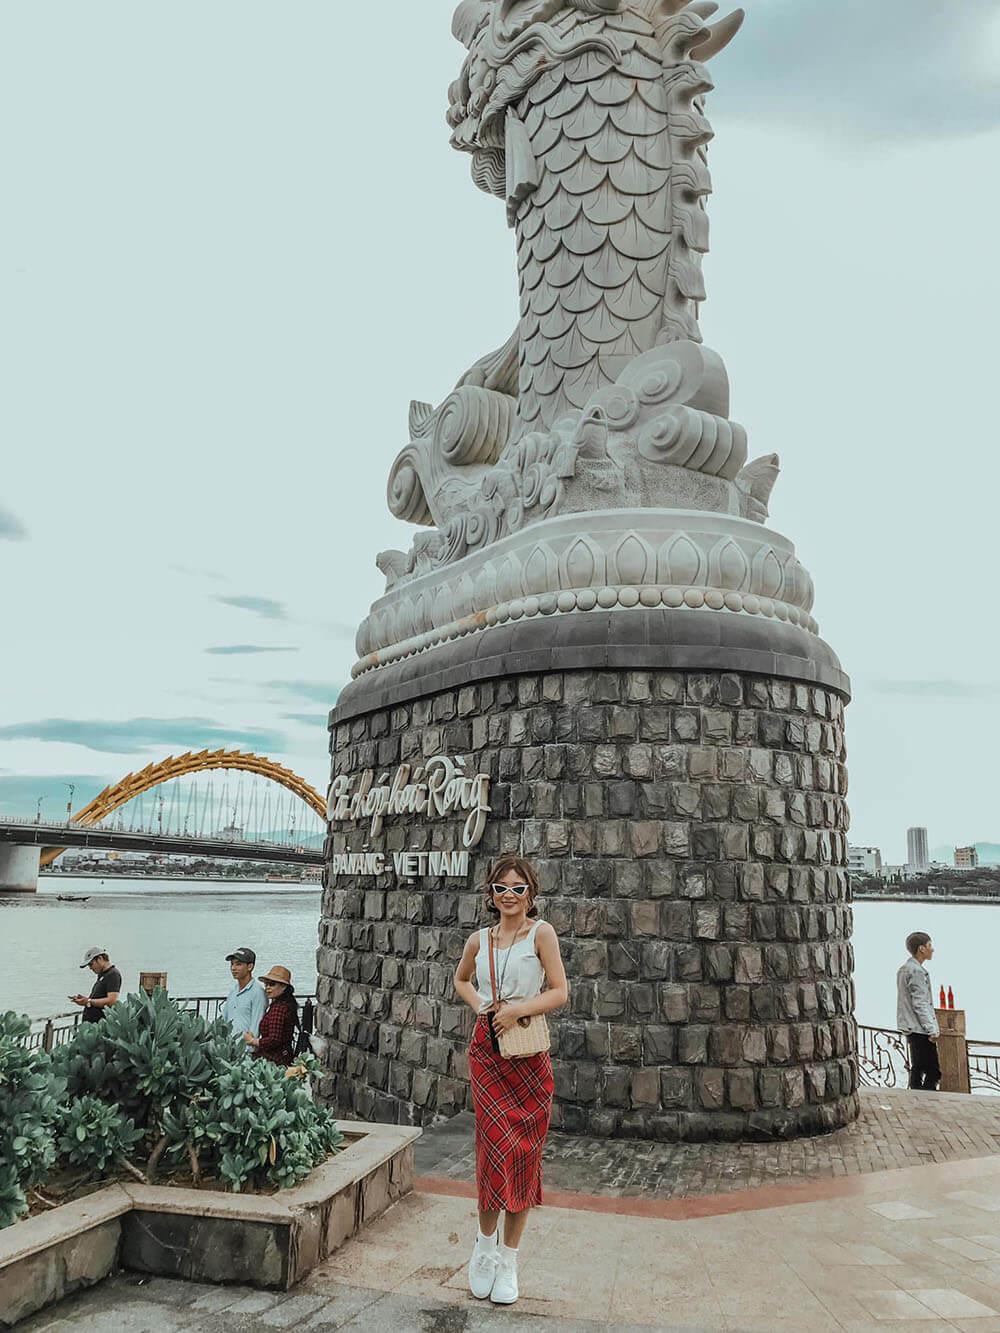 Review Chuyen Du Lich Hoi An Da Nang Cua 02 Co Ban Than Cau Tinh Yeu Danang Fantasticity 05